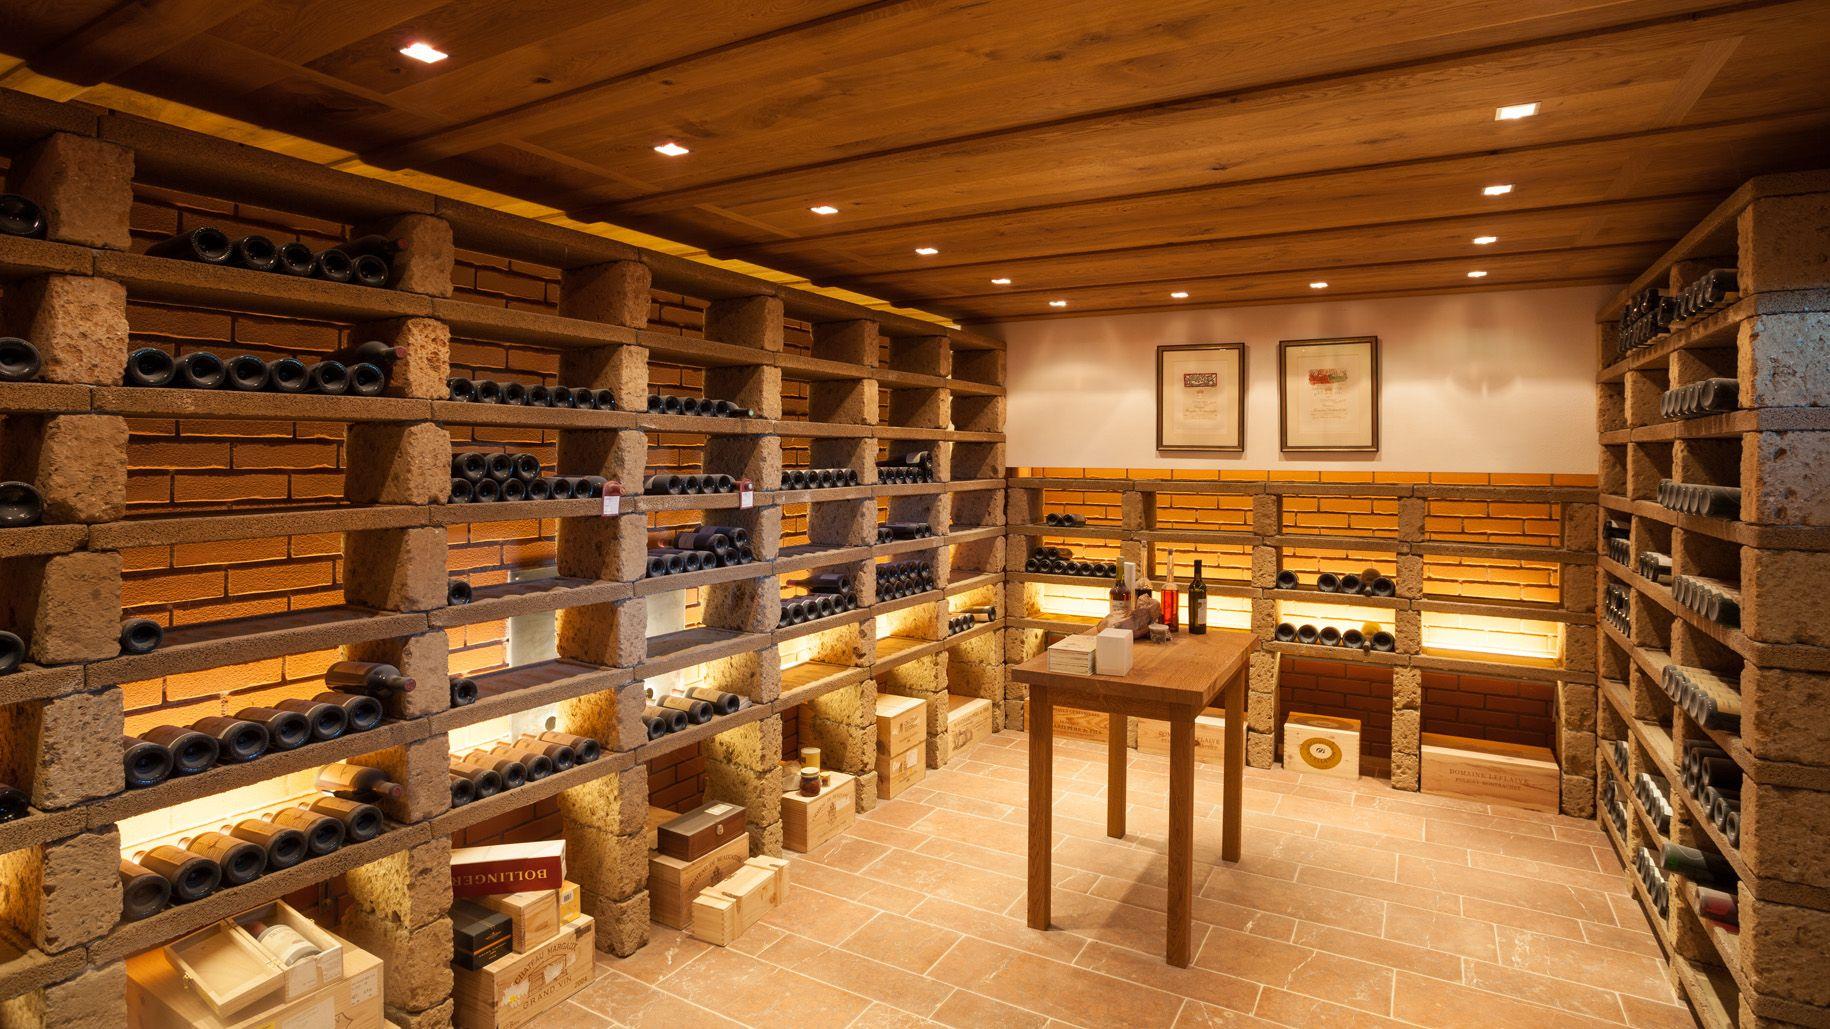 Alpine Estate In Adnet Salzburg Austria This Modern Hillside Estate Boasts A Spectacular Wine Cellar Built In Red Brick Weinregal Ziegel Regal